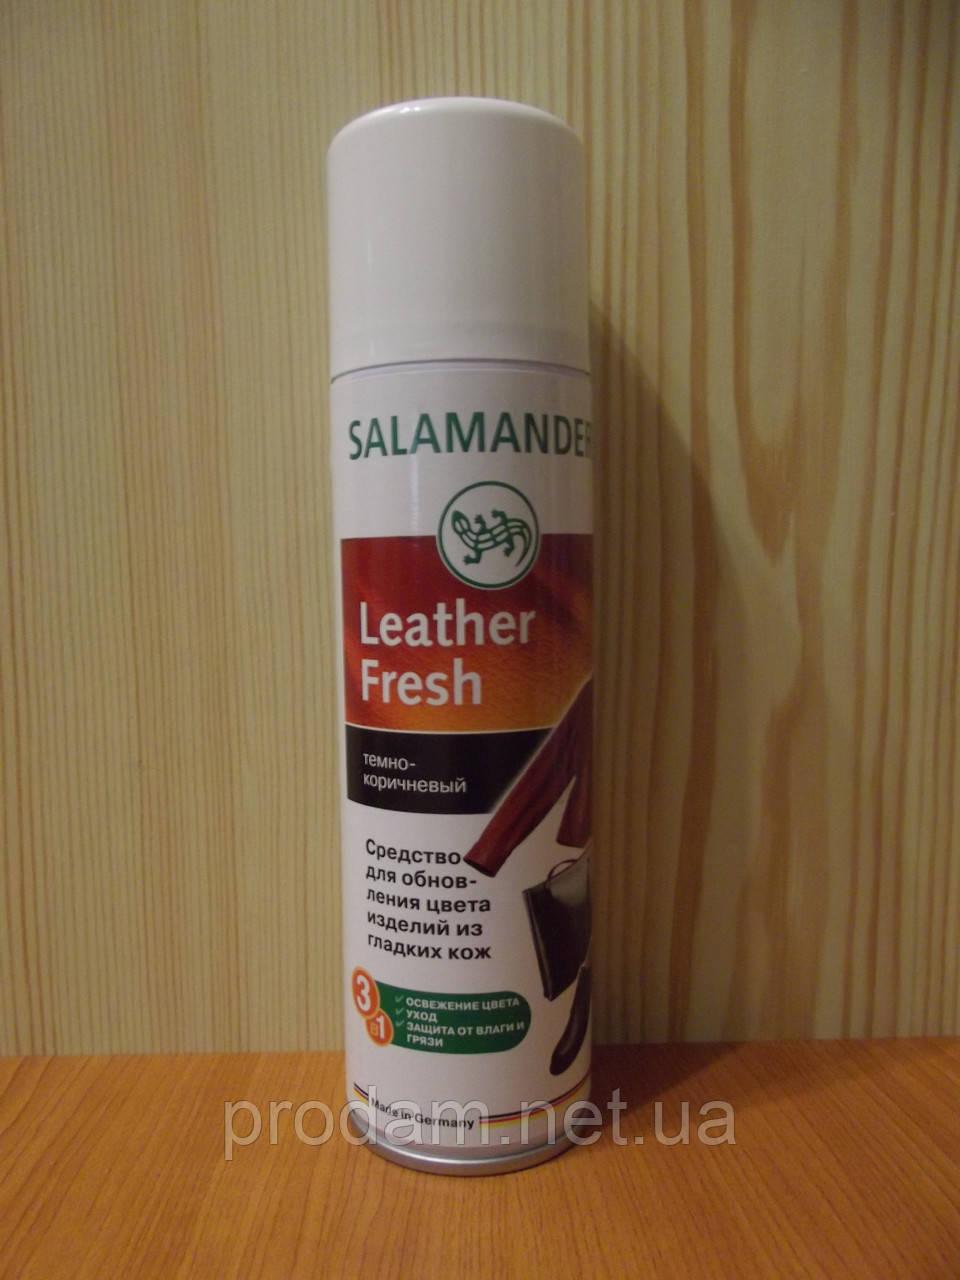 Salamander аерозоль  для замши Темно коричневый